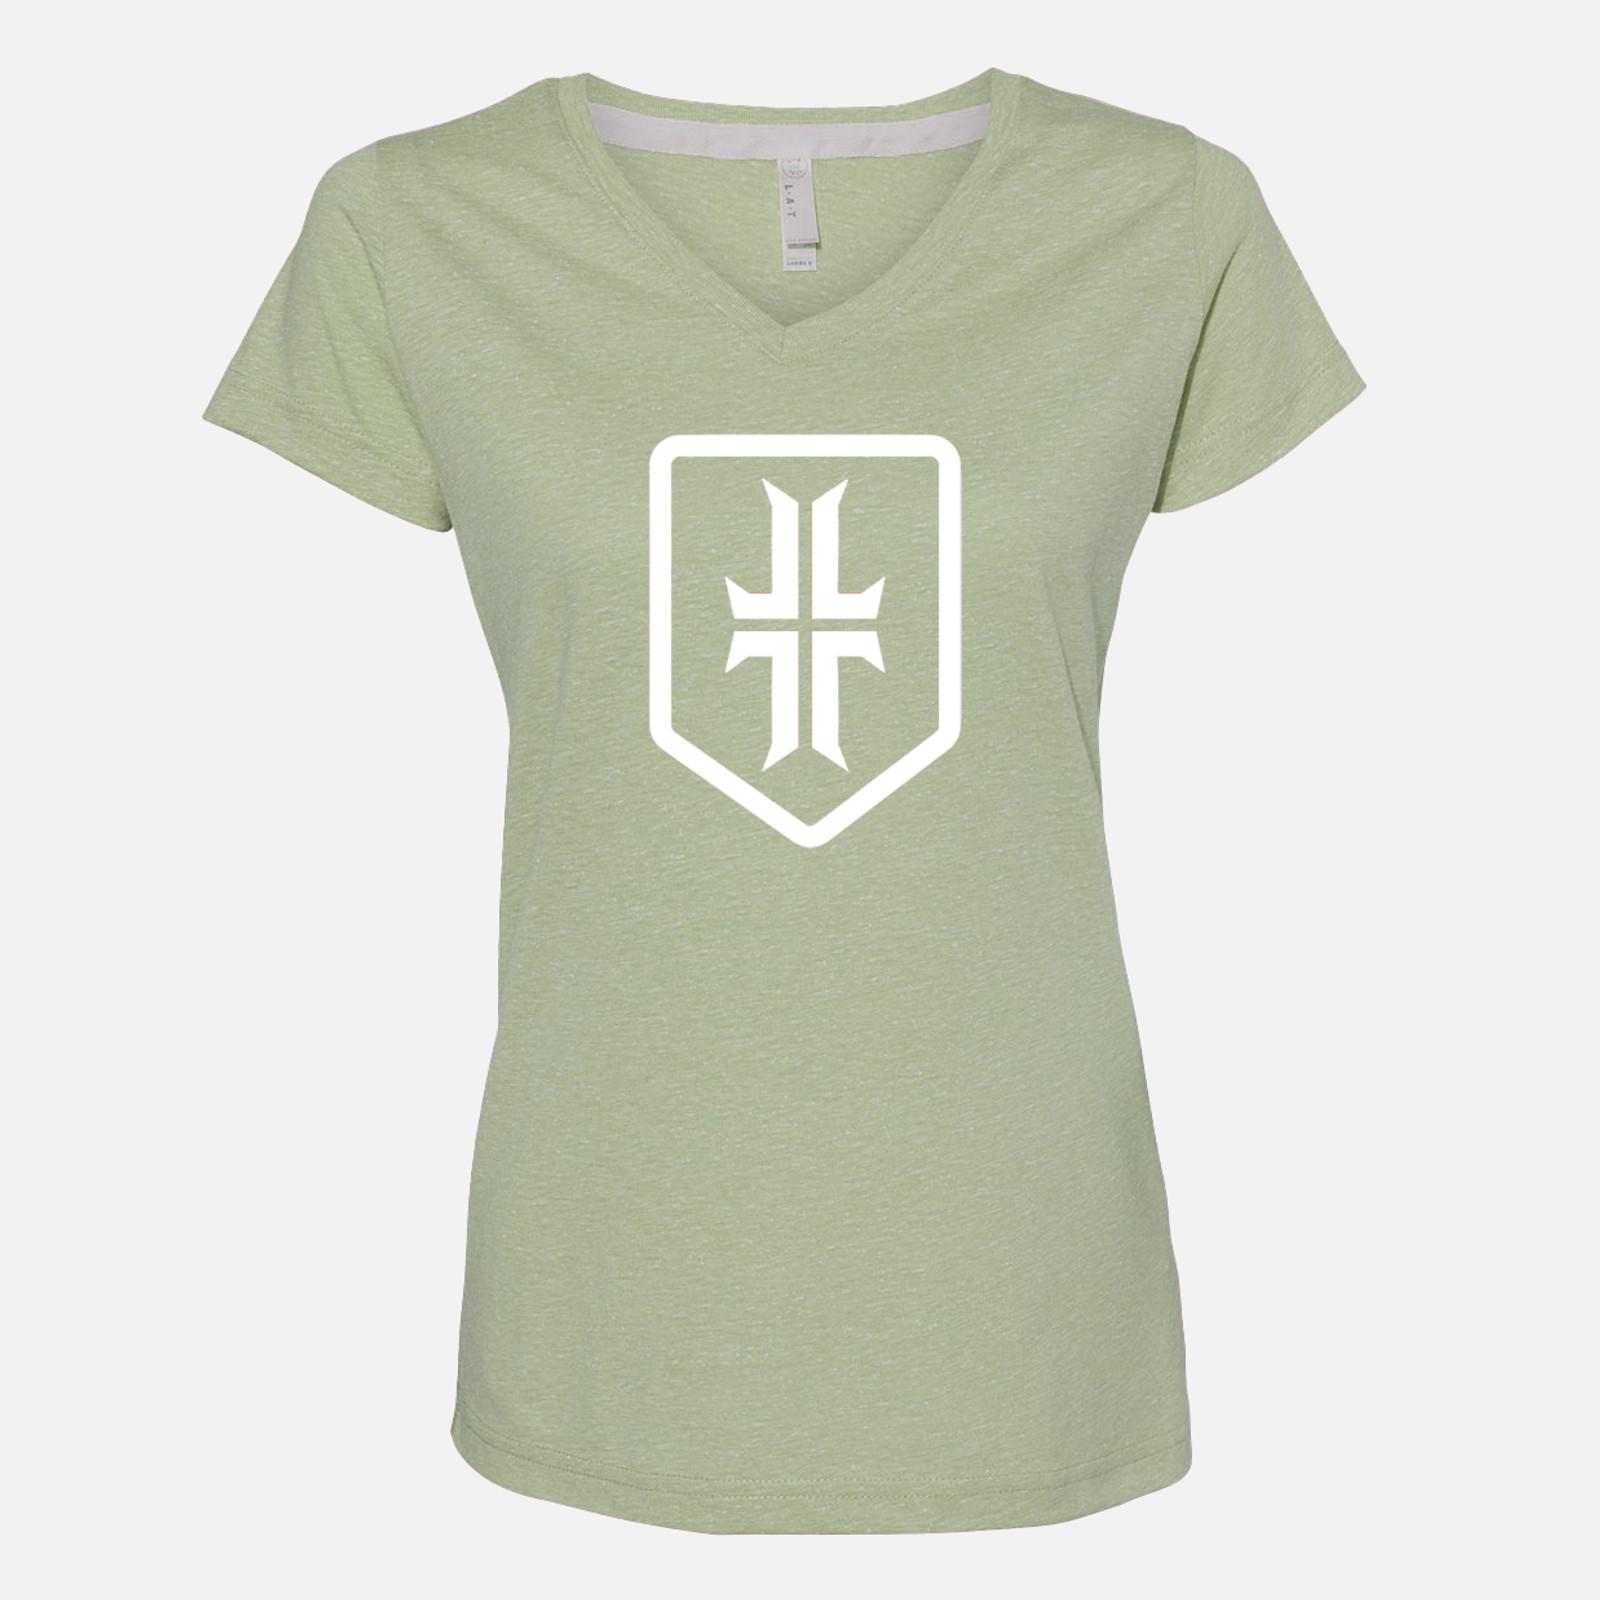 Women's Shield T-Shirt - Melange Green / White